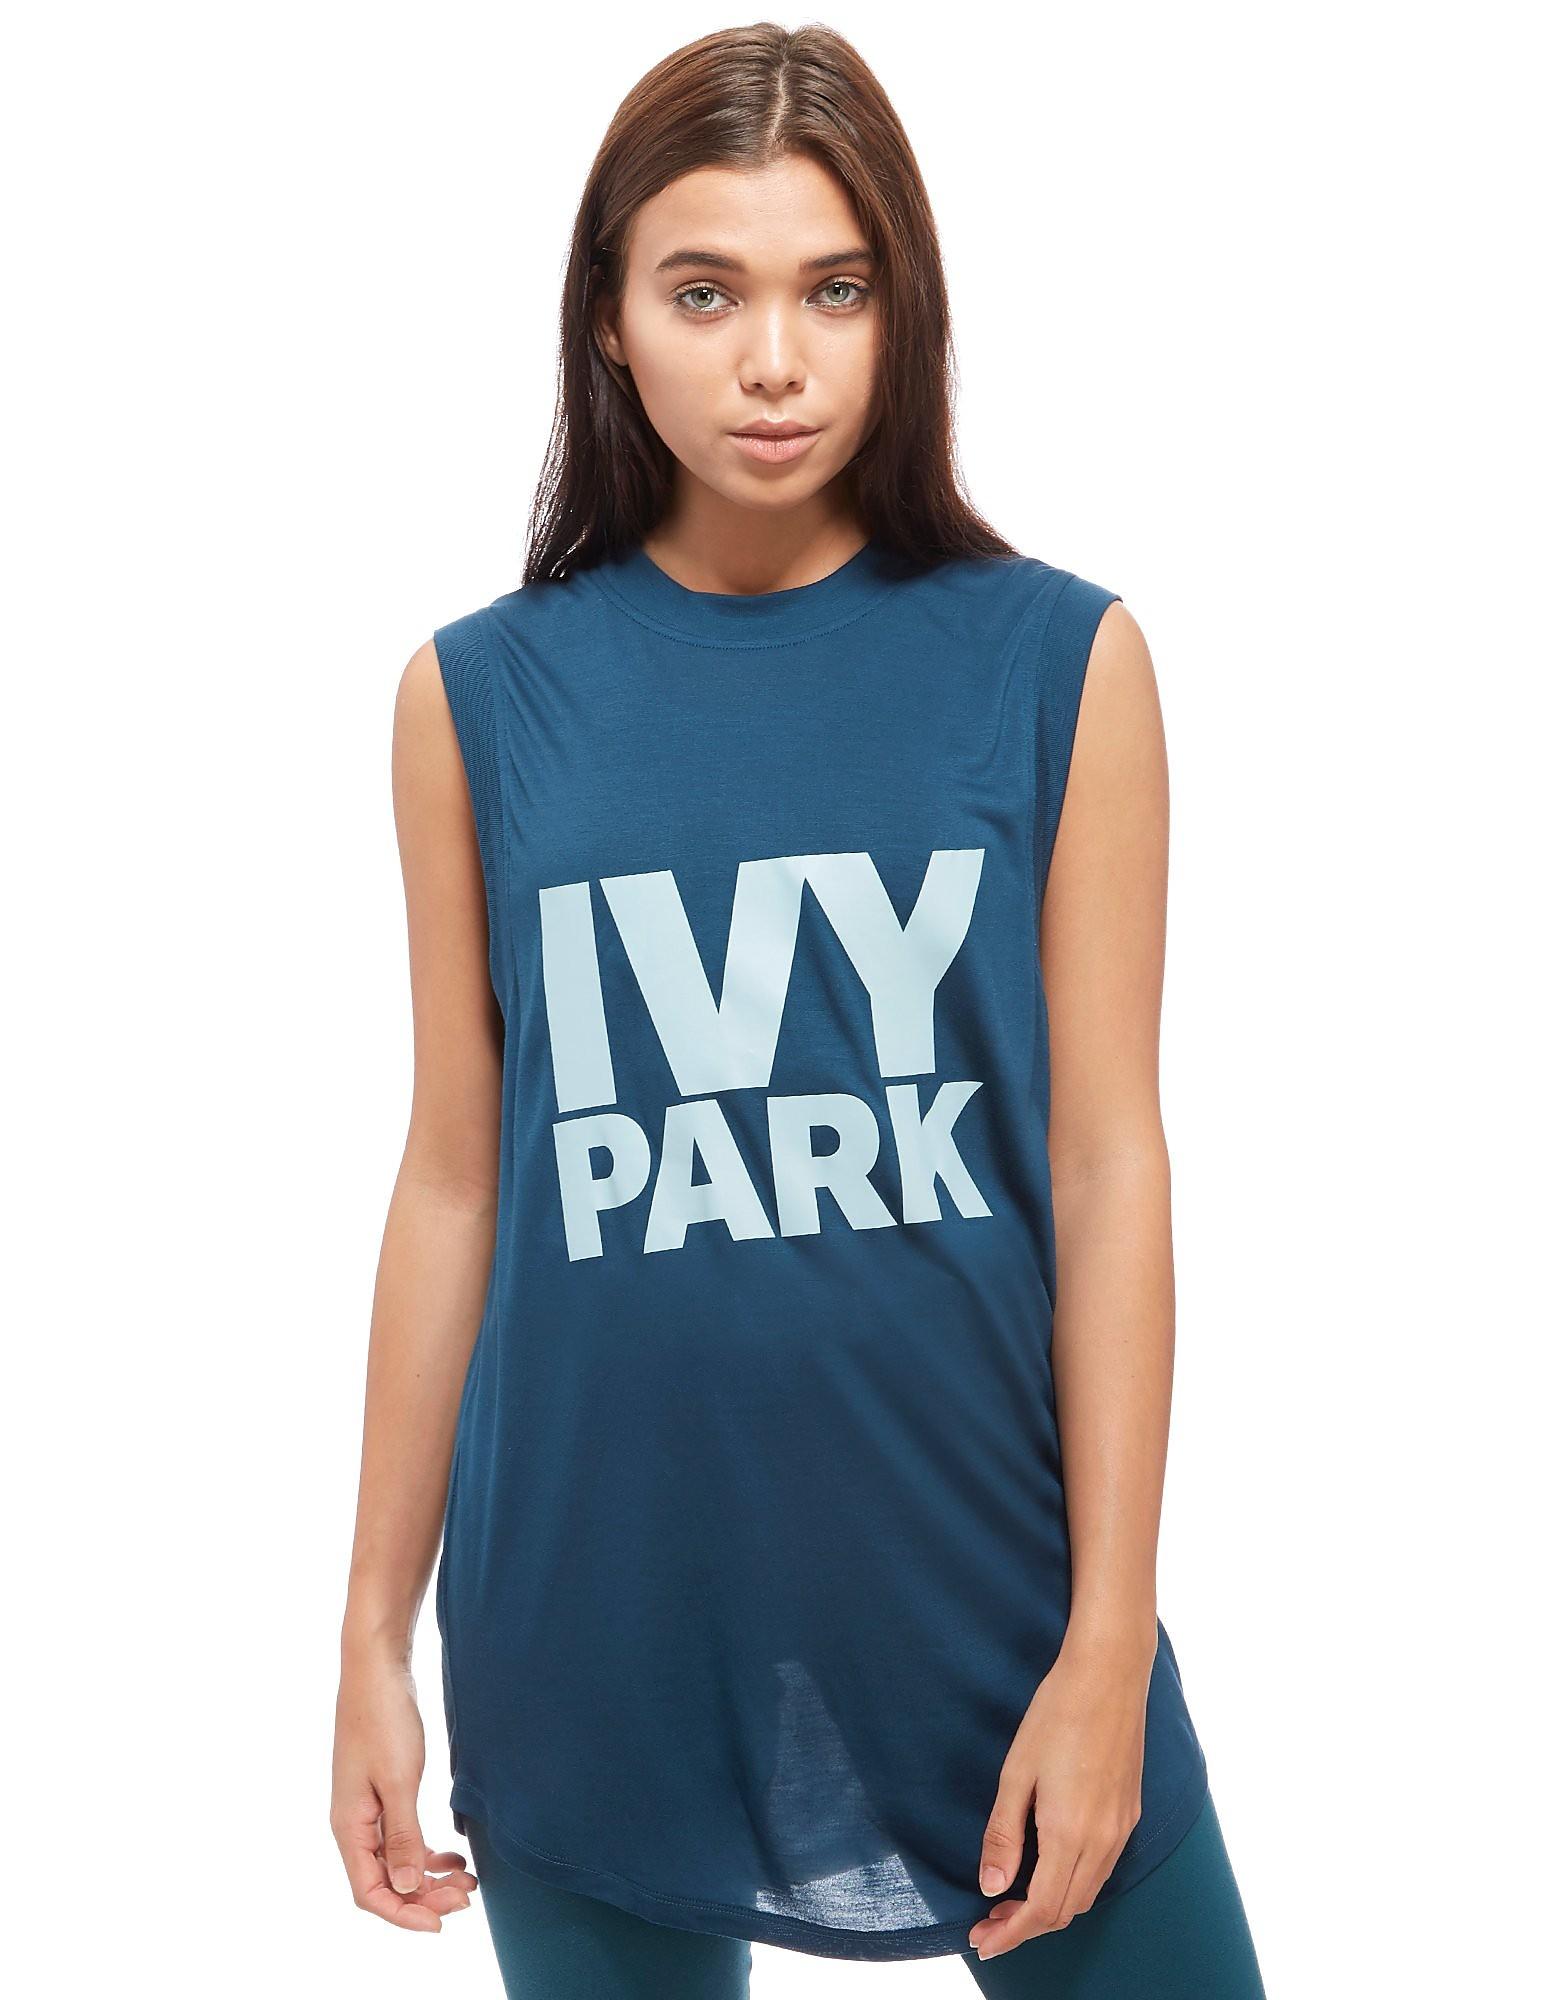 IVY PARK Muscle Tank Vest